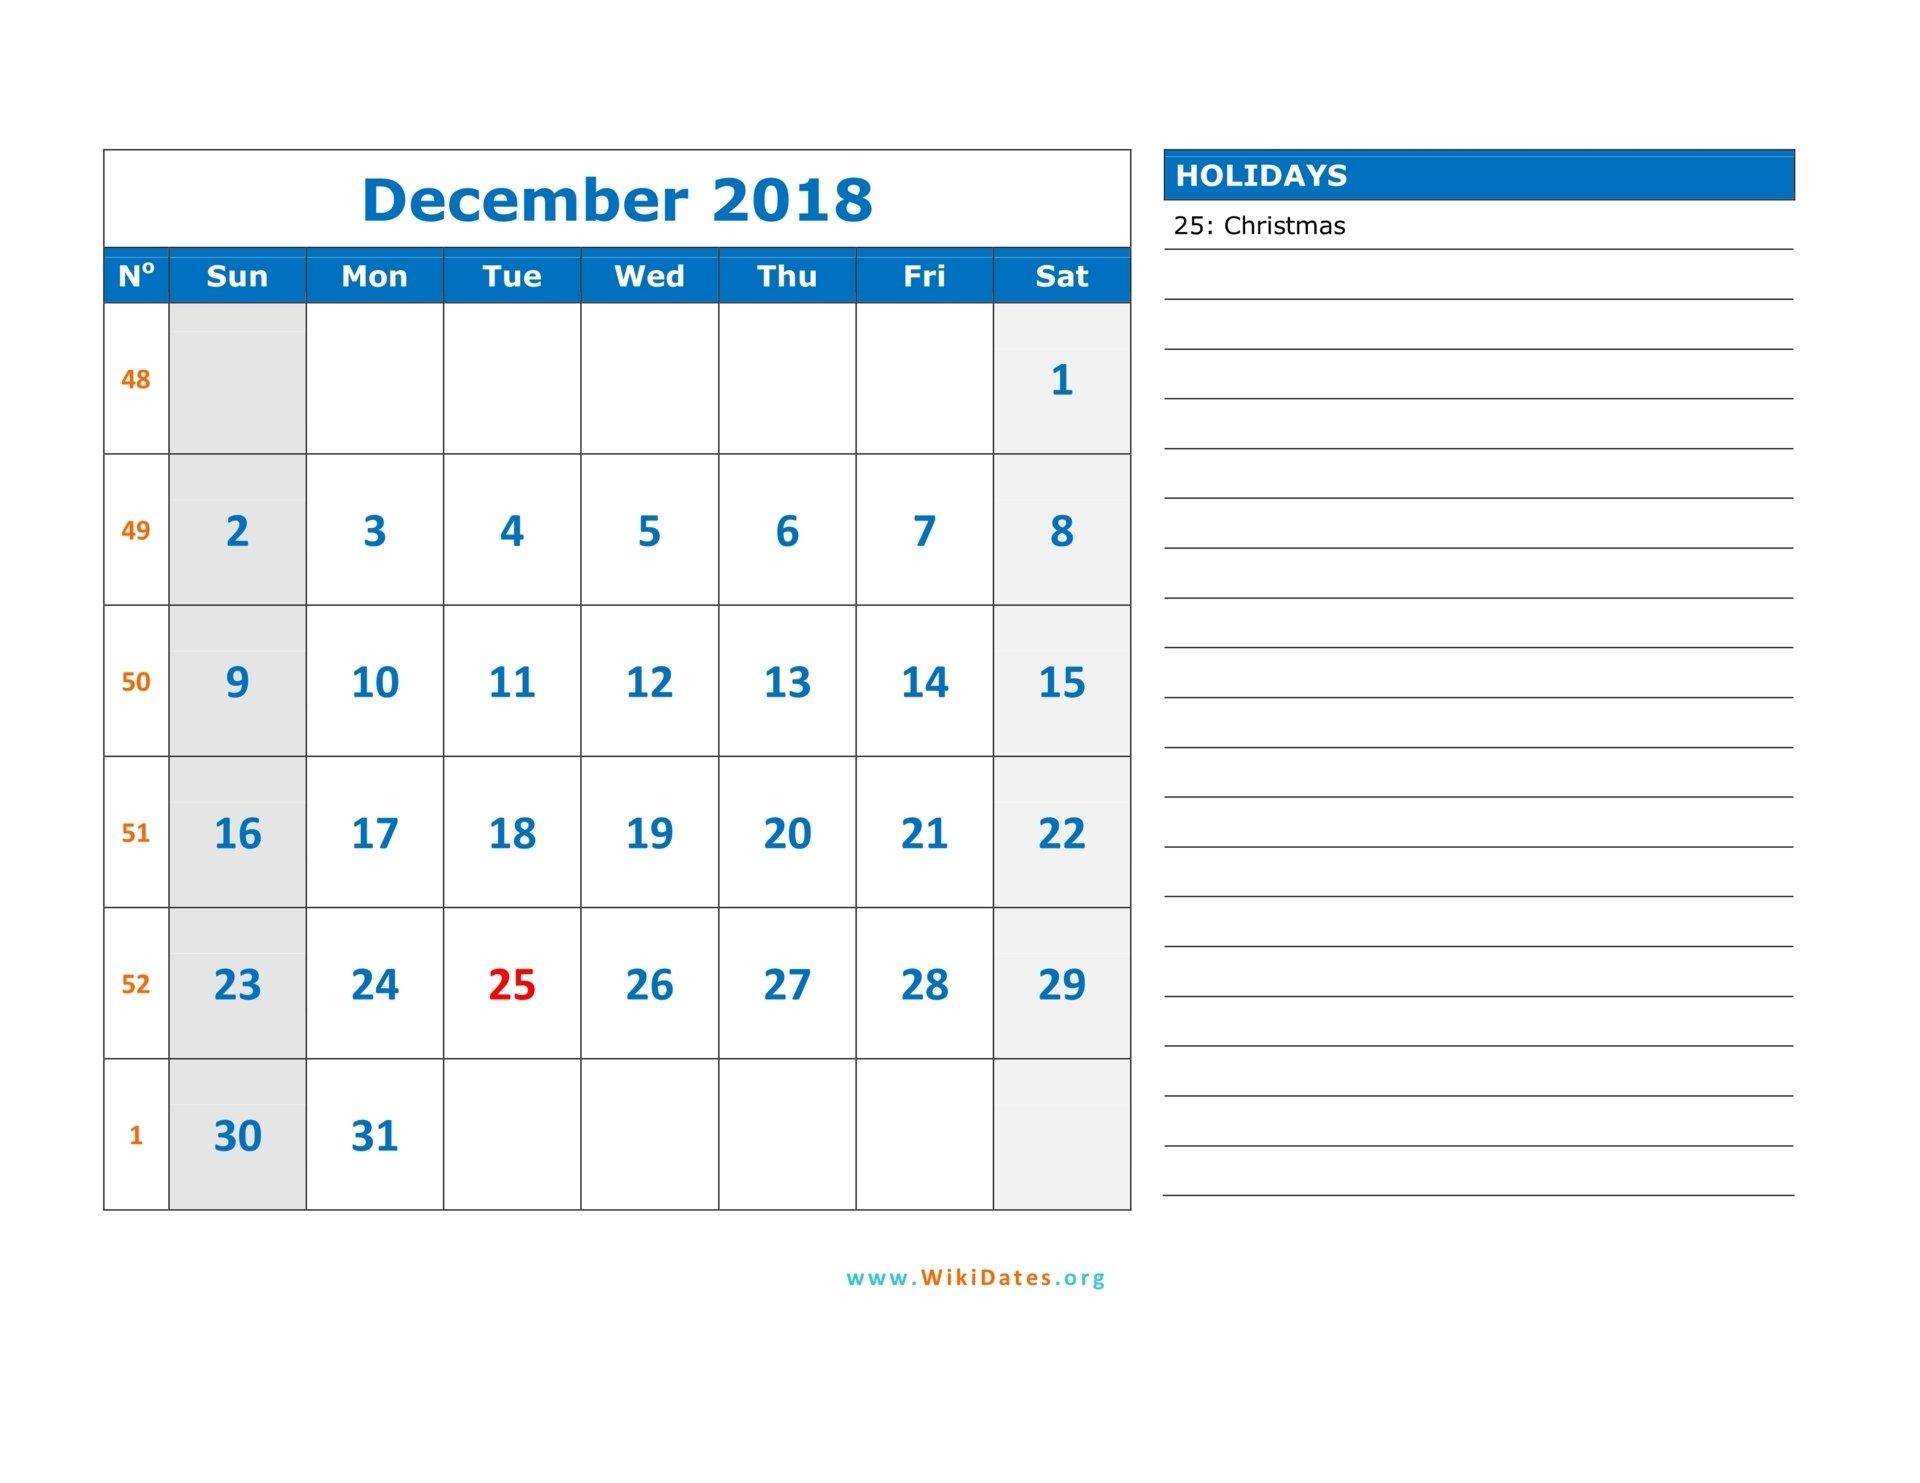 December 2018 Calendar   Wikidates 1 Week Calendar Pdf